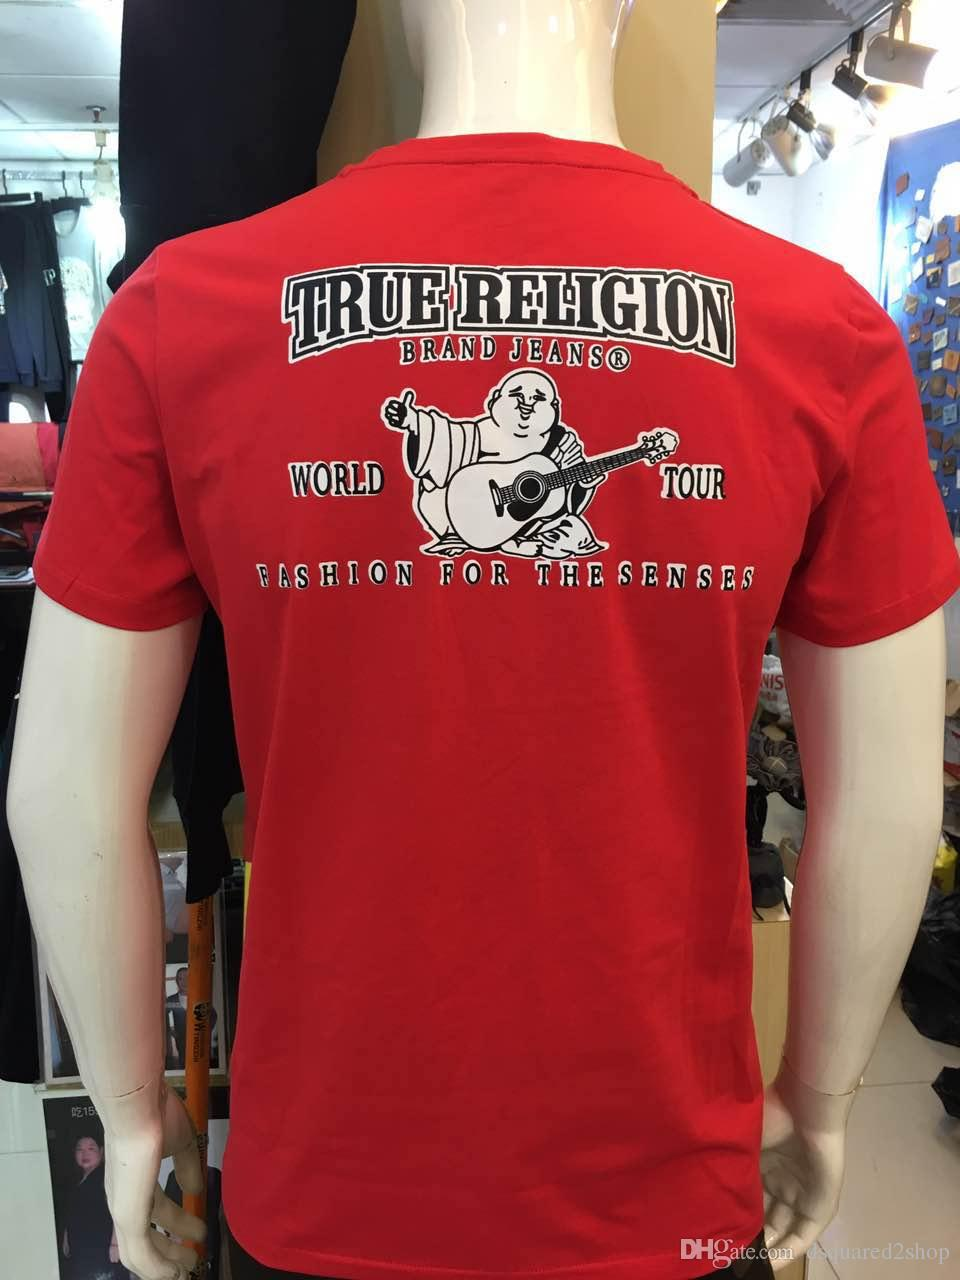 Alta Qualidade EUA POLO dos homens de Robin Verdadeiro T T-shirt camisa do grupo polo com asas real Jeans americanos mtorcycle Clube de Slim manga curta 22